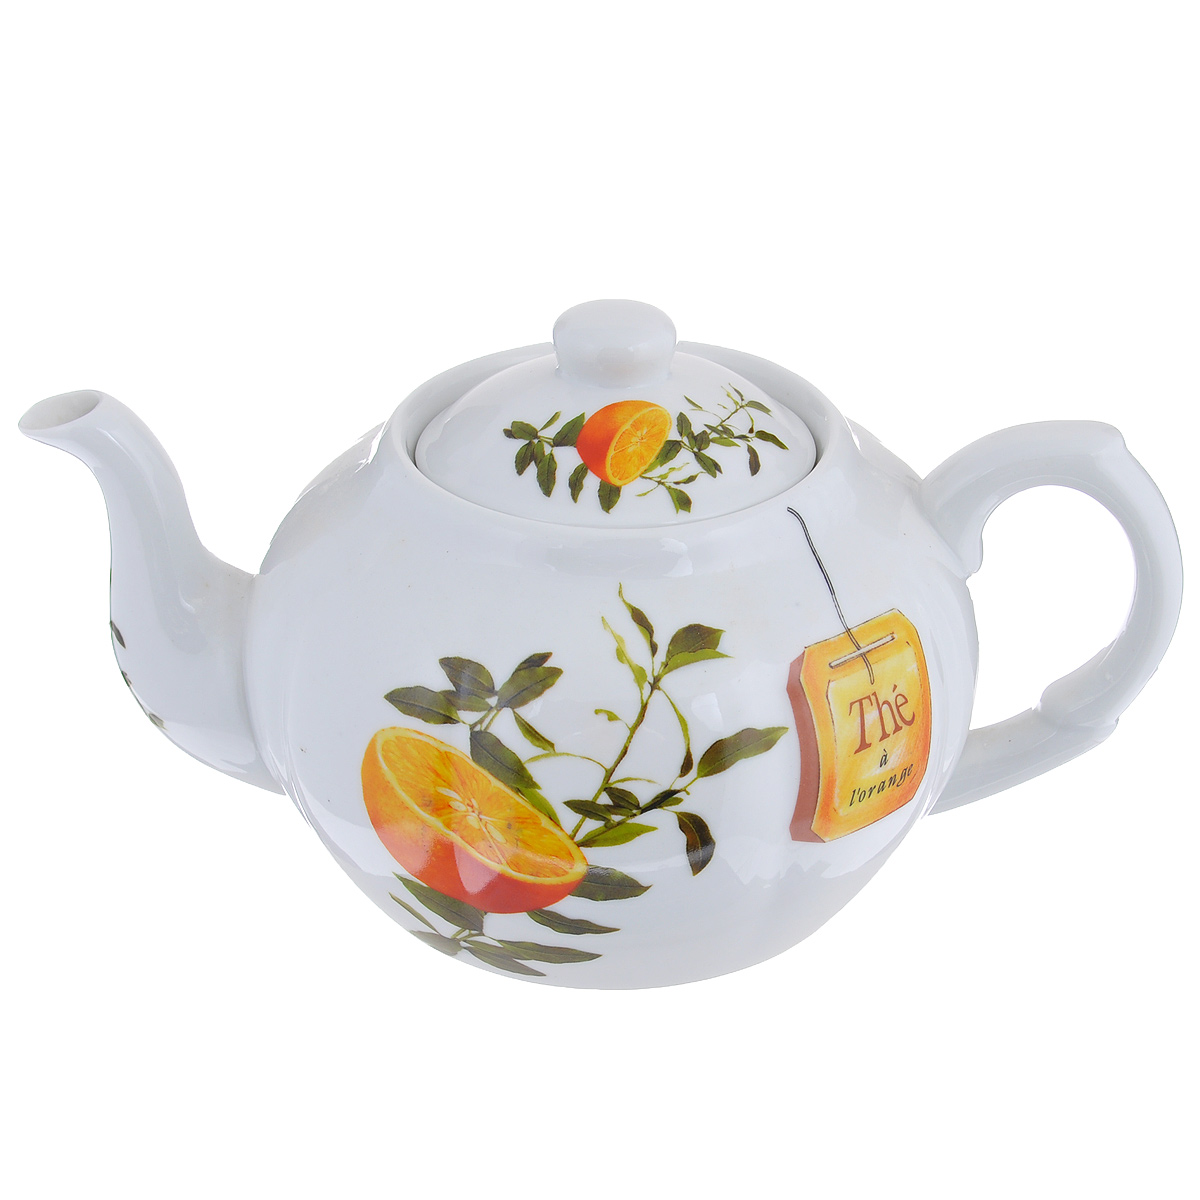 Чайник заварочный Larange Апельсин, 1 л54 009312Чайник Larange Апельсин выполнен из высококачественного фарфора. Чайник декорирован изображением апельсинов. Чайник Larange Апельсин предназначен для заваривания чая. Элегантный дизайн и совершенные формы чайника привлекут к себе внимание и украсят интерьер вашей кухни. Чайник Larange Апельсин будет не только прекрасным украшением вашего стола, но и отличным подарком к любому празднику. Не использовать в микроволновой печи. Не применять абразивные чистящие вещества. Диаметр чайника по верхнему краю: 8,5 см.Высота чайника: 9,5 см.Диаметр дна чайника: 9 см. Длина чайника (с учетом ручки и носика): 23 см.